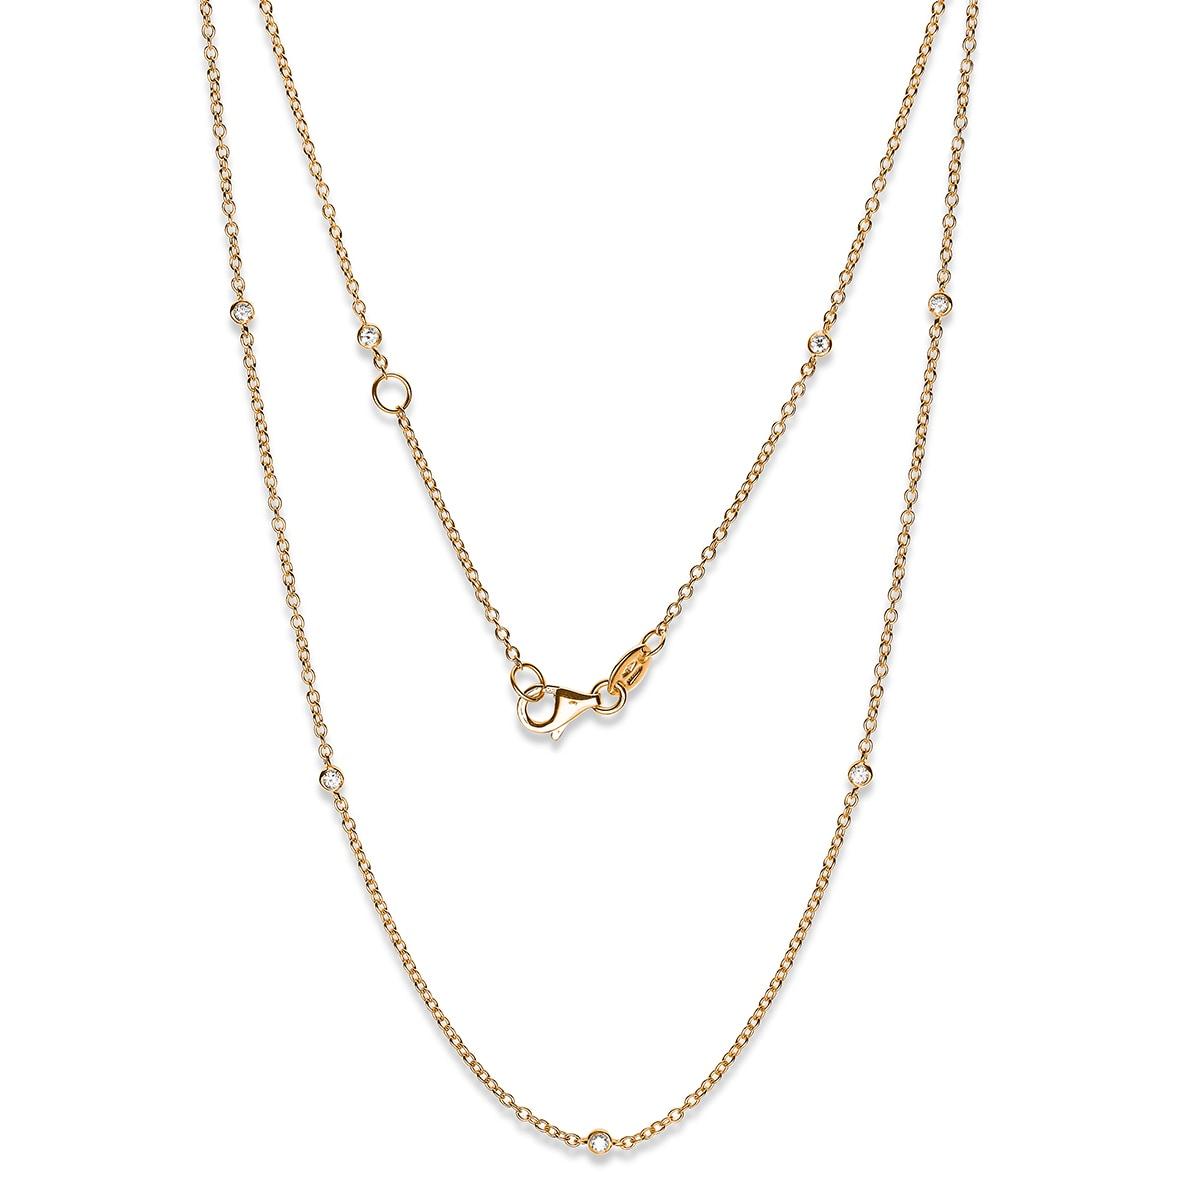 Sandin_Selected_IL_Zefiro_RG_190703_0249_v2_diamanthalsband_hos_Jarl_Sandin